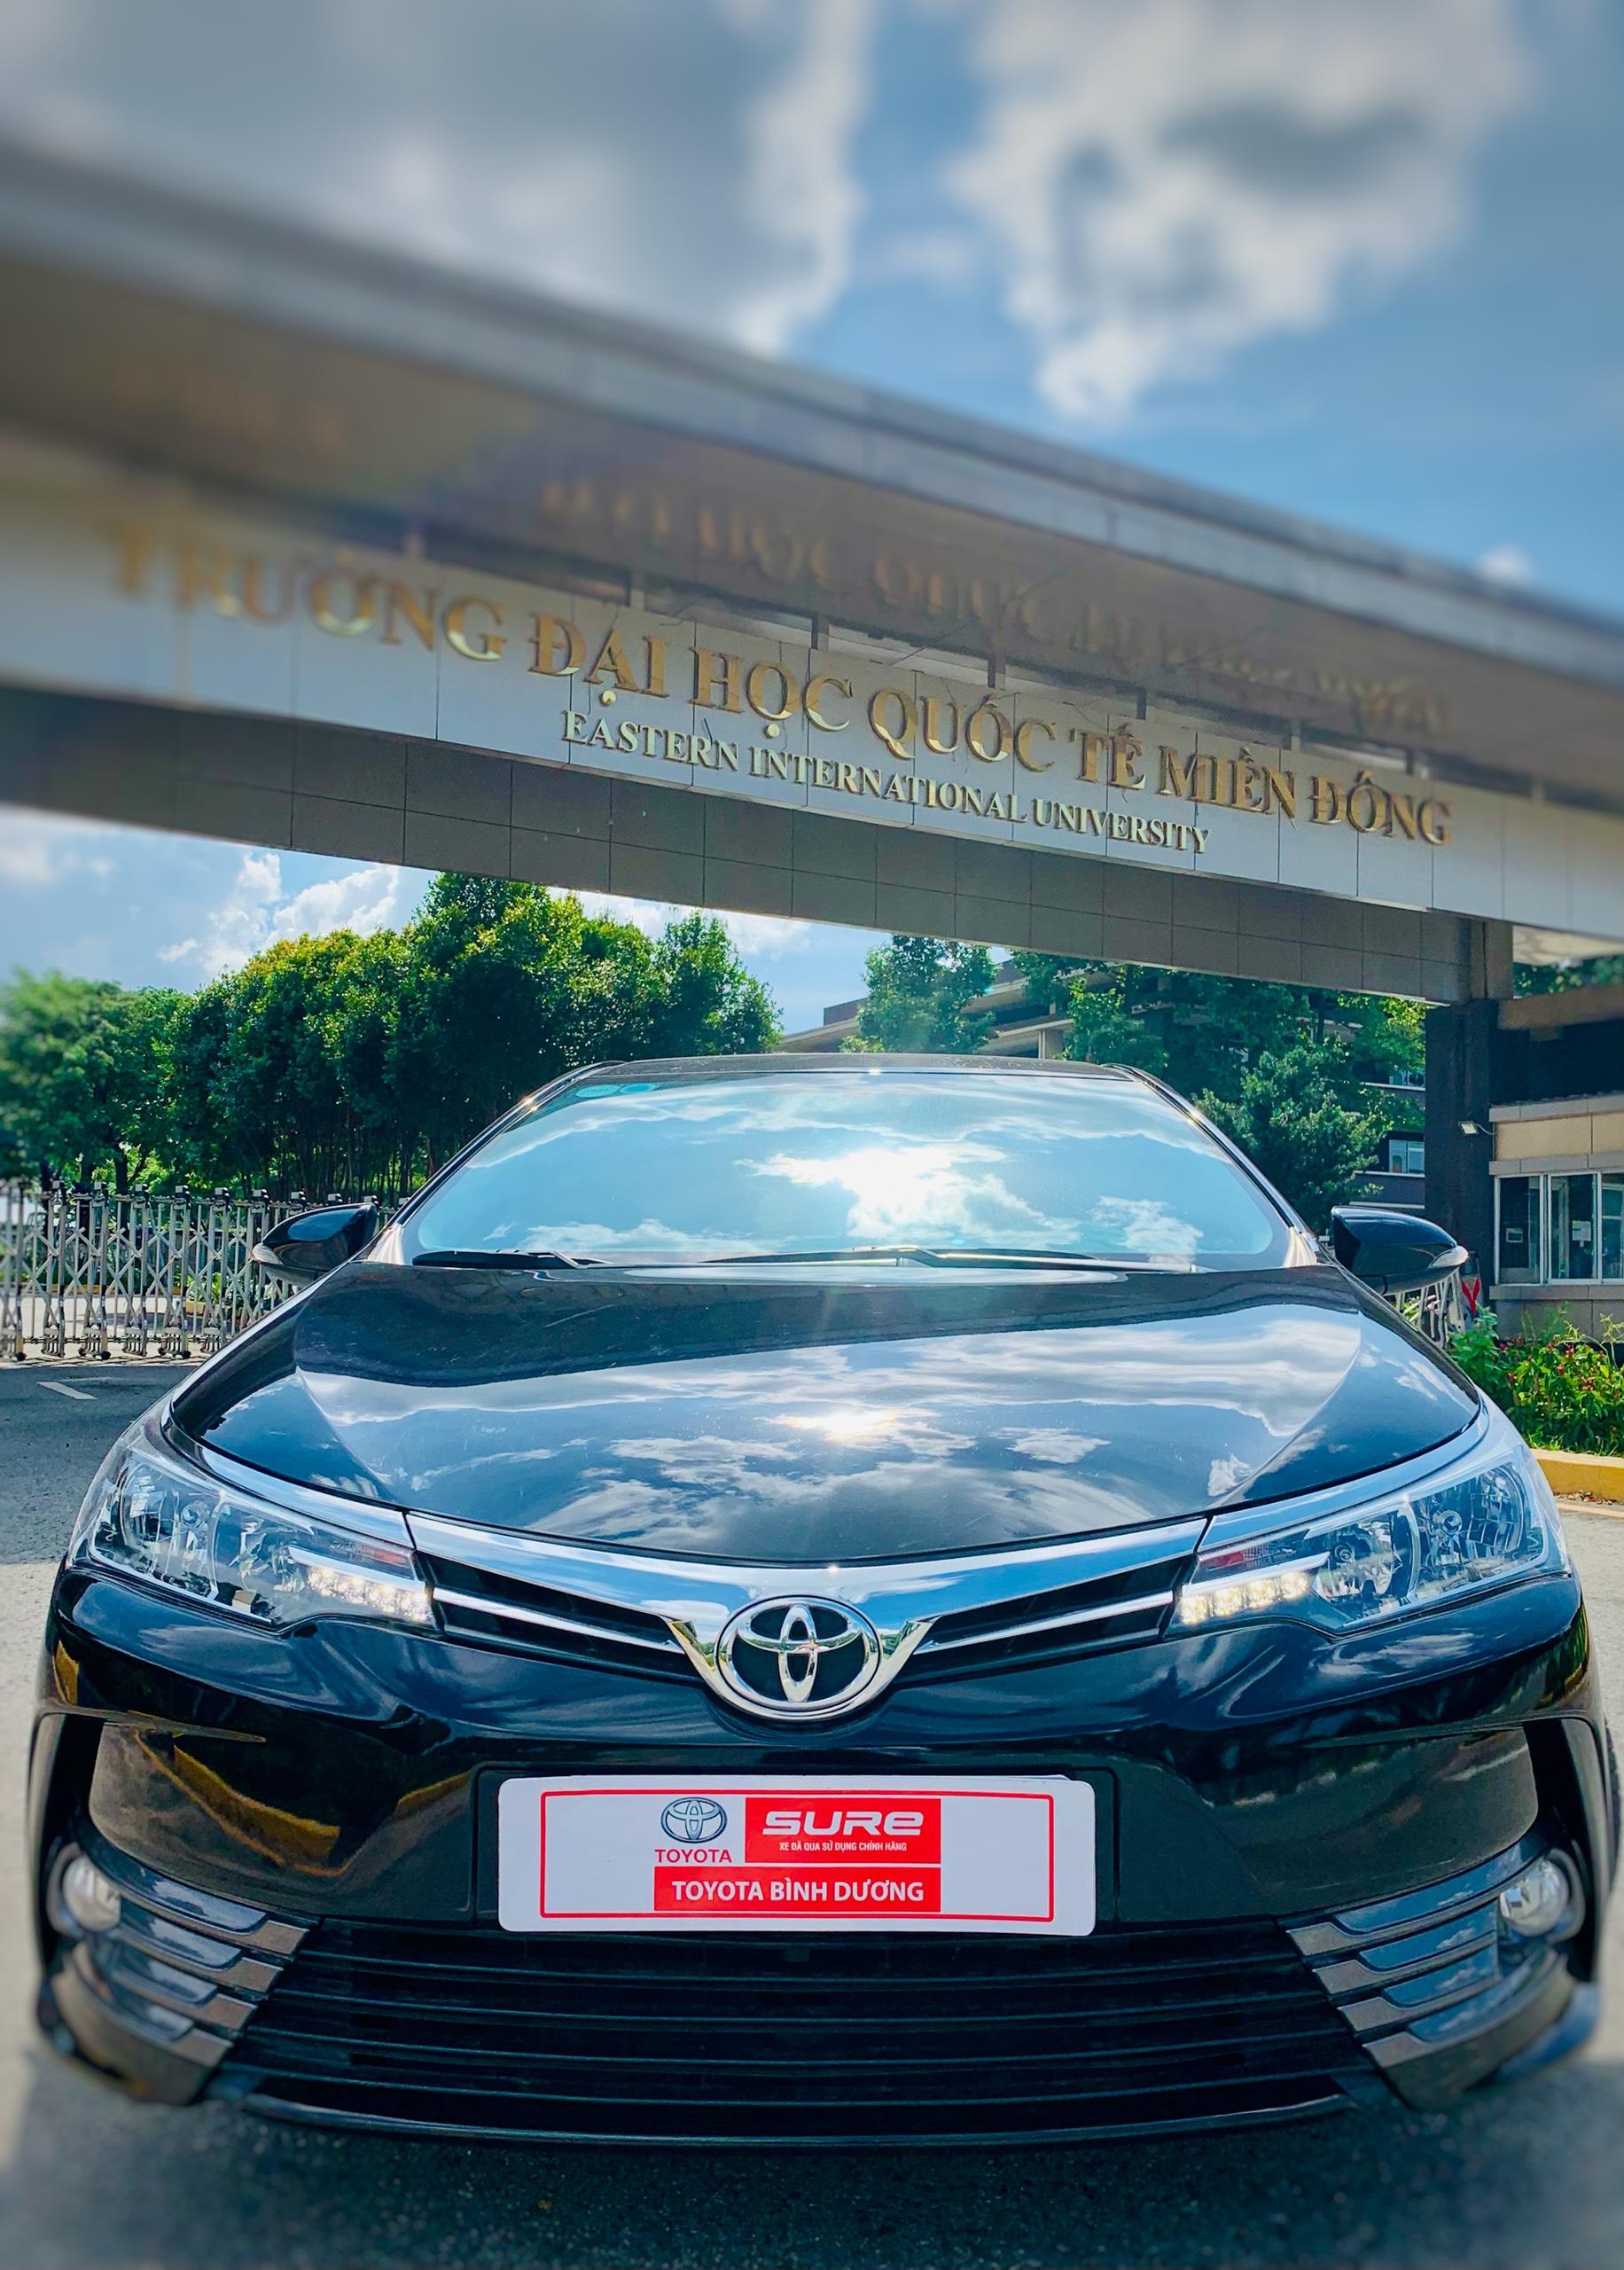 Corolla Altis 1.8G 2019 Màu Đen - Nổi Bật Giữa Đám Đông